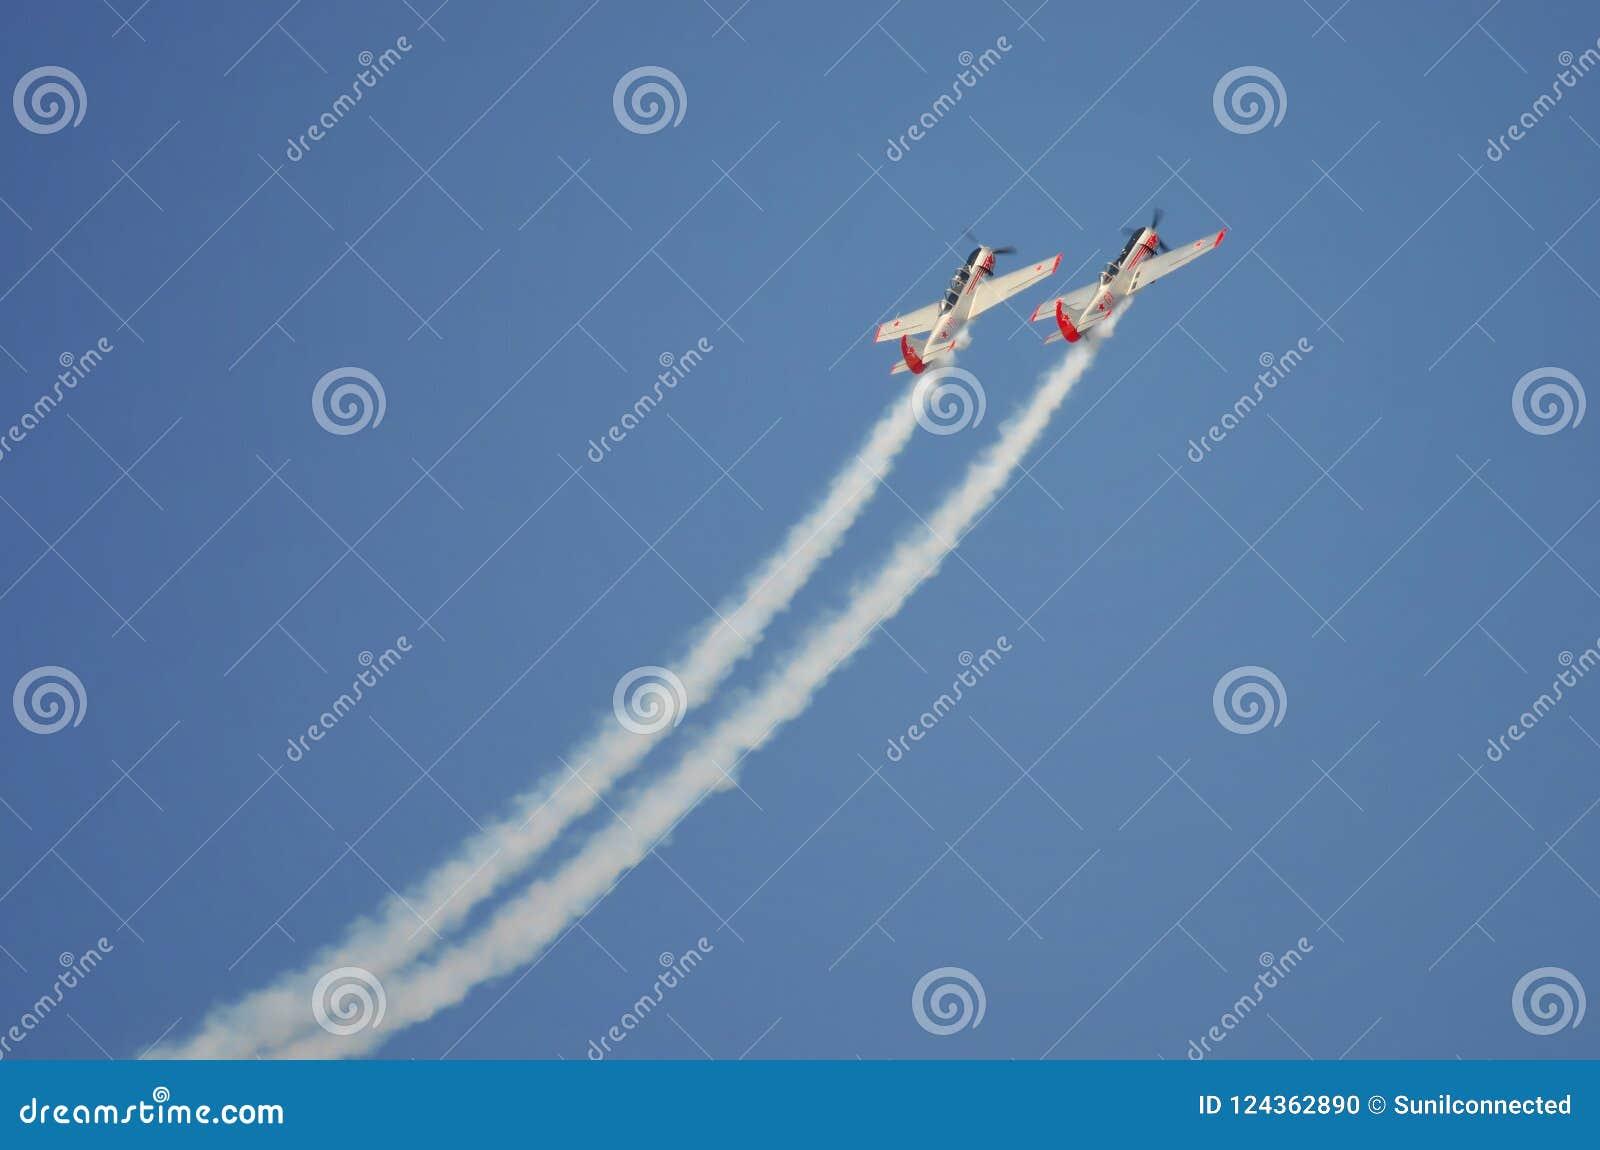 Dual flight formation